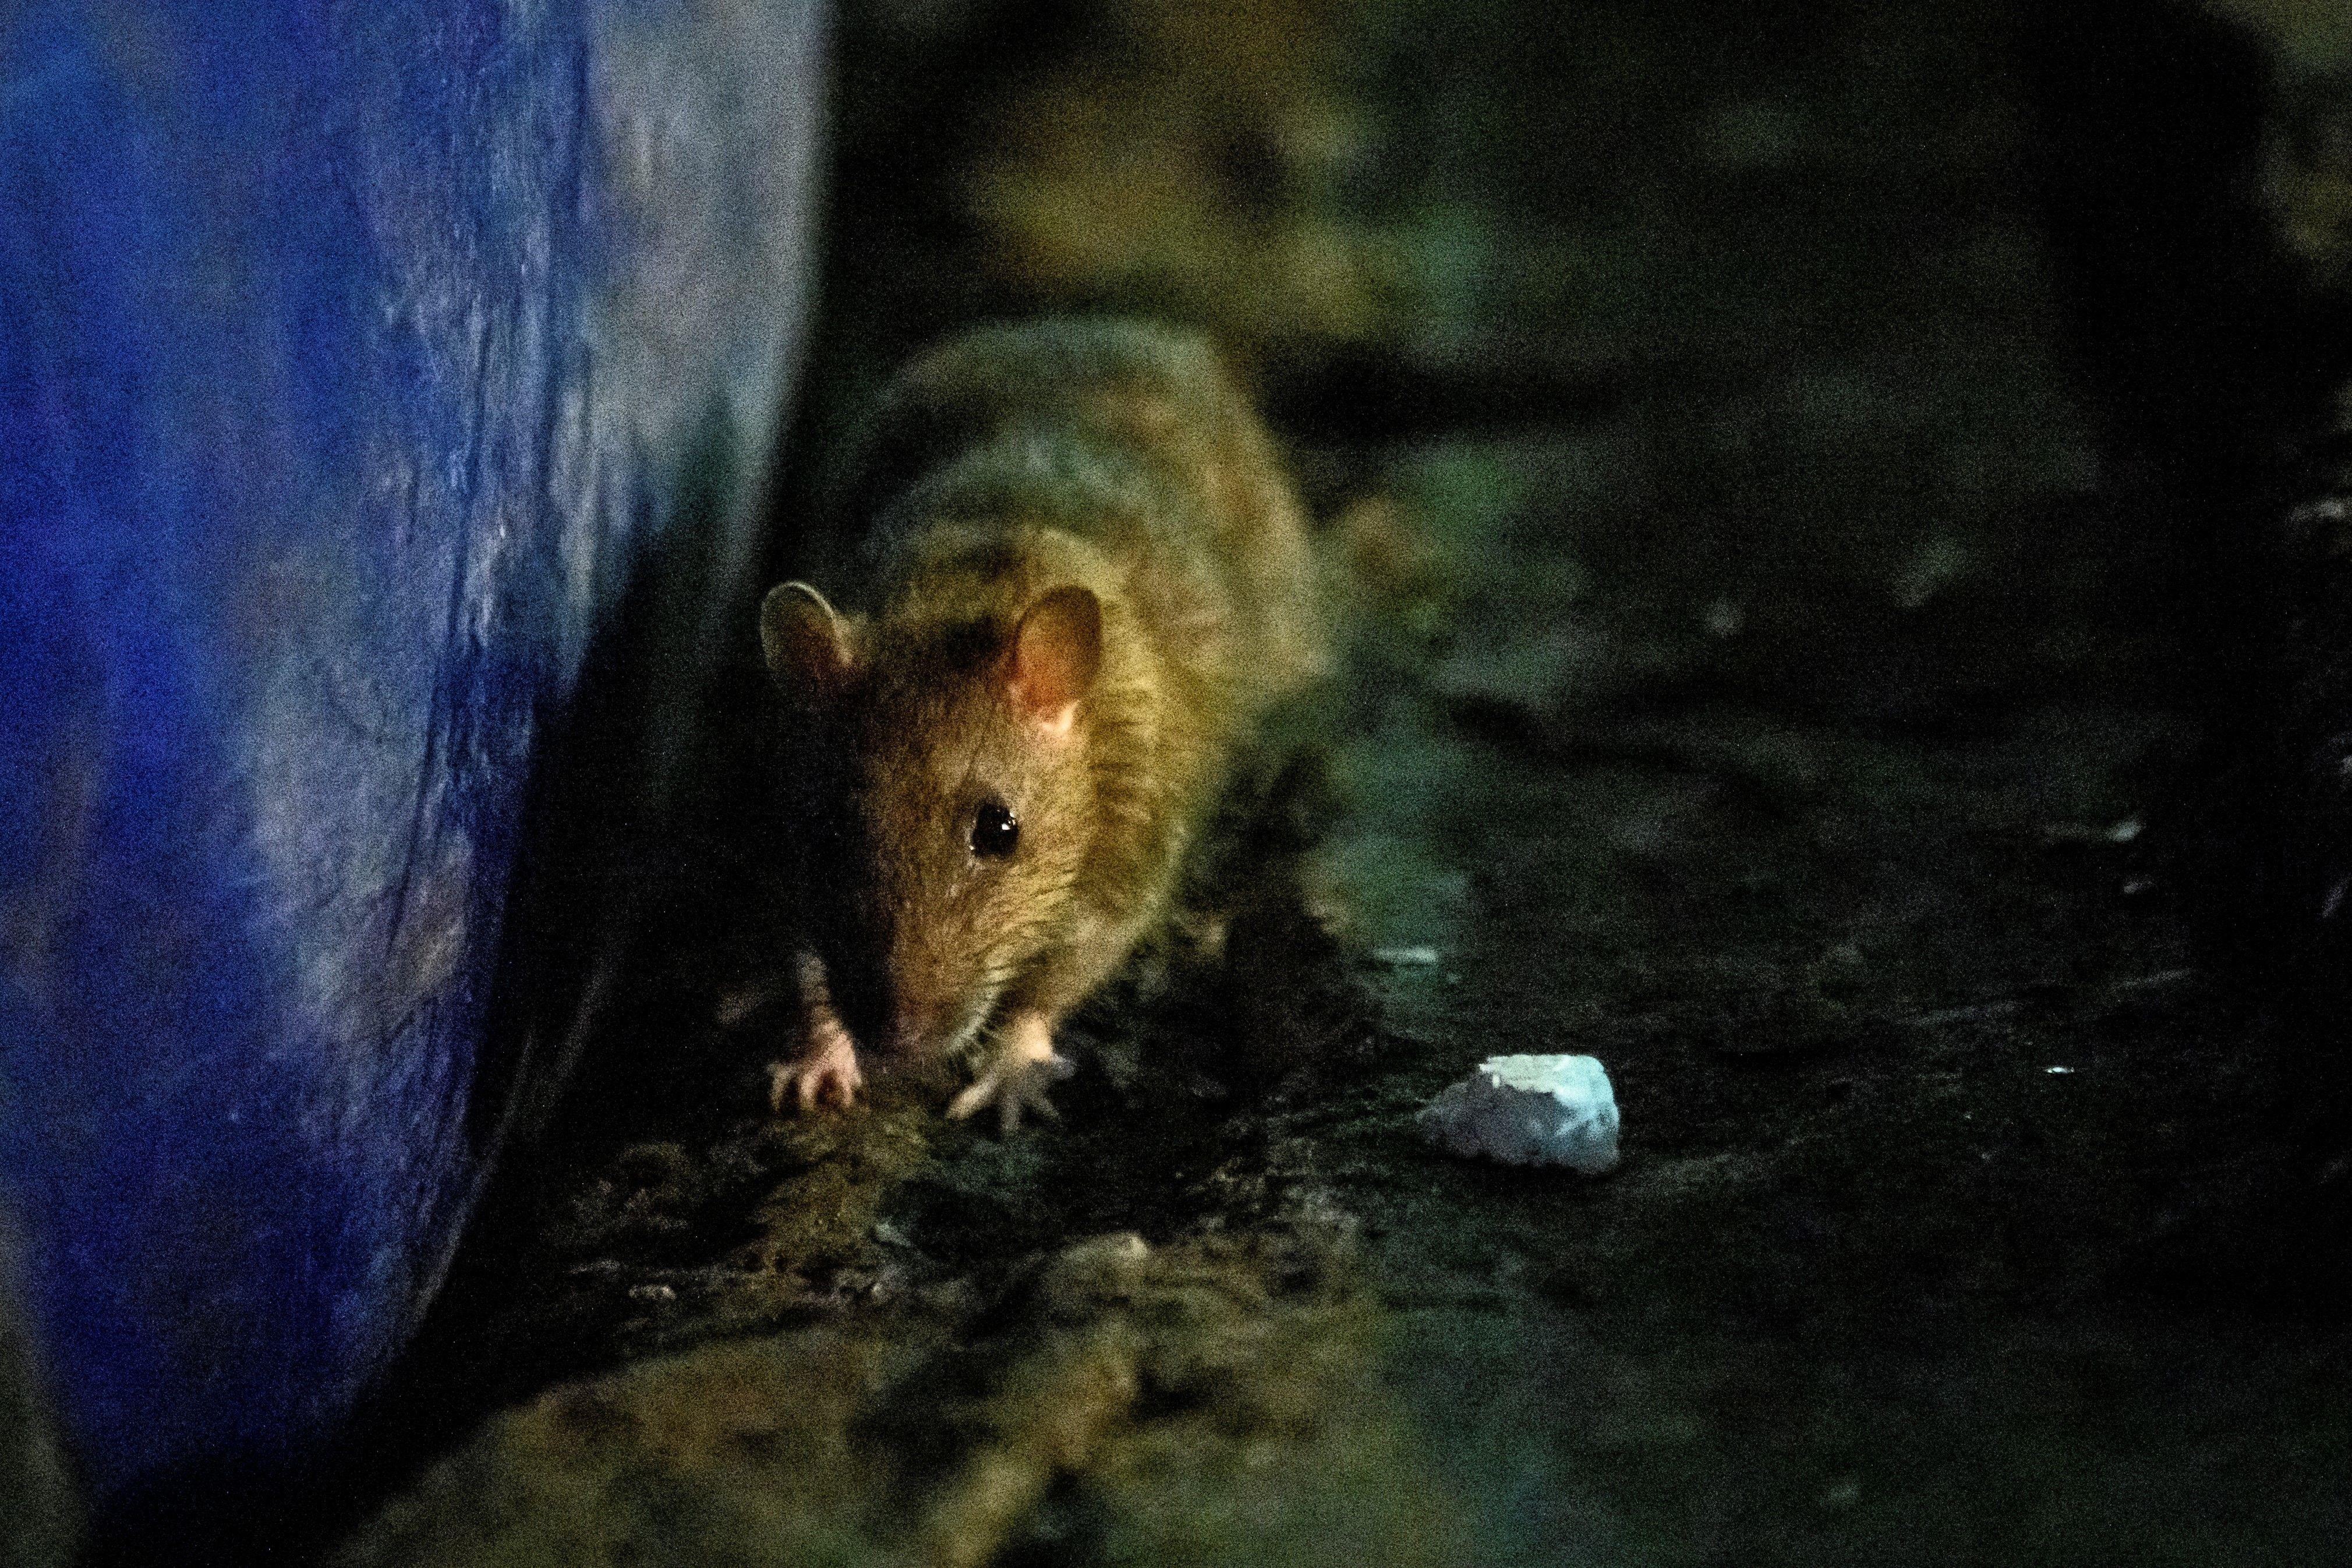 CDC warns of starving, aggressive rats amid COVID-19 garbage shortage